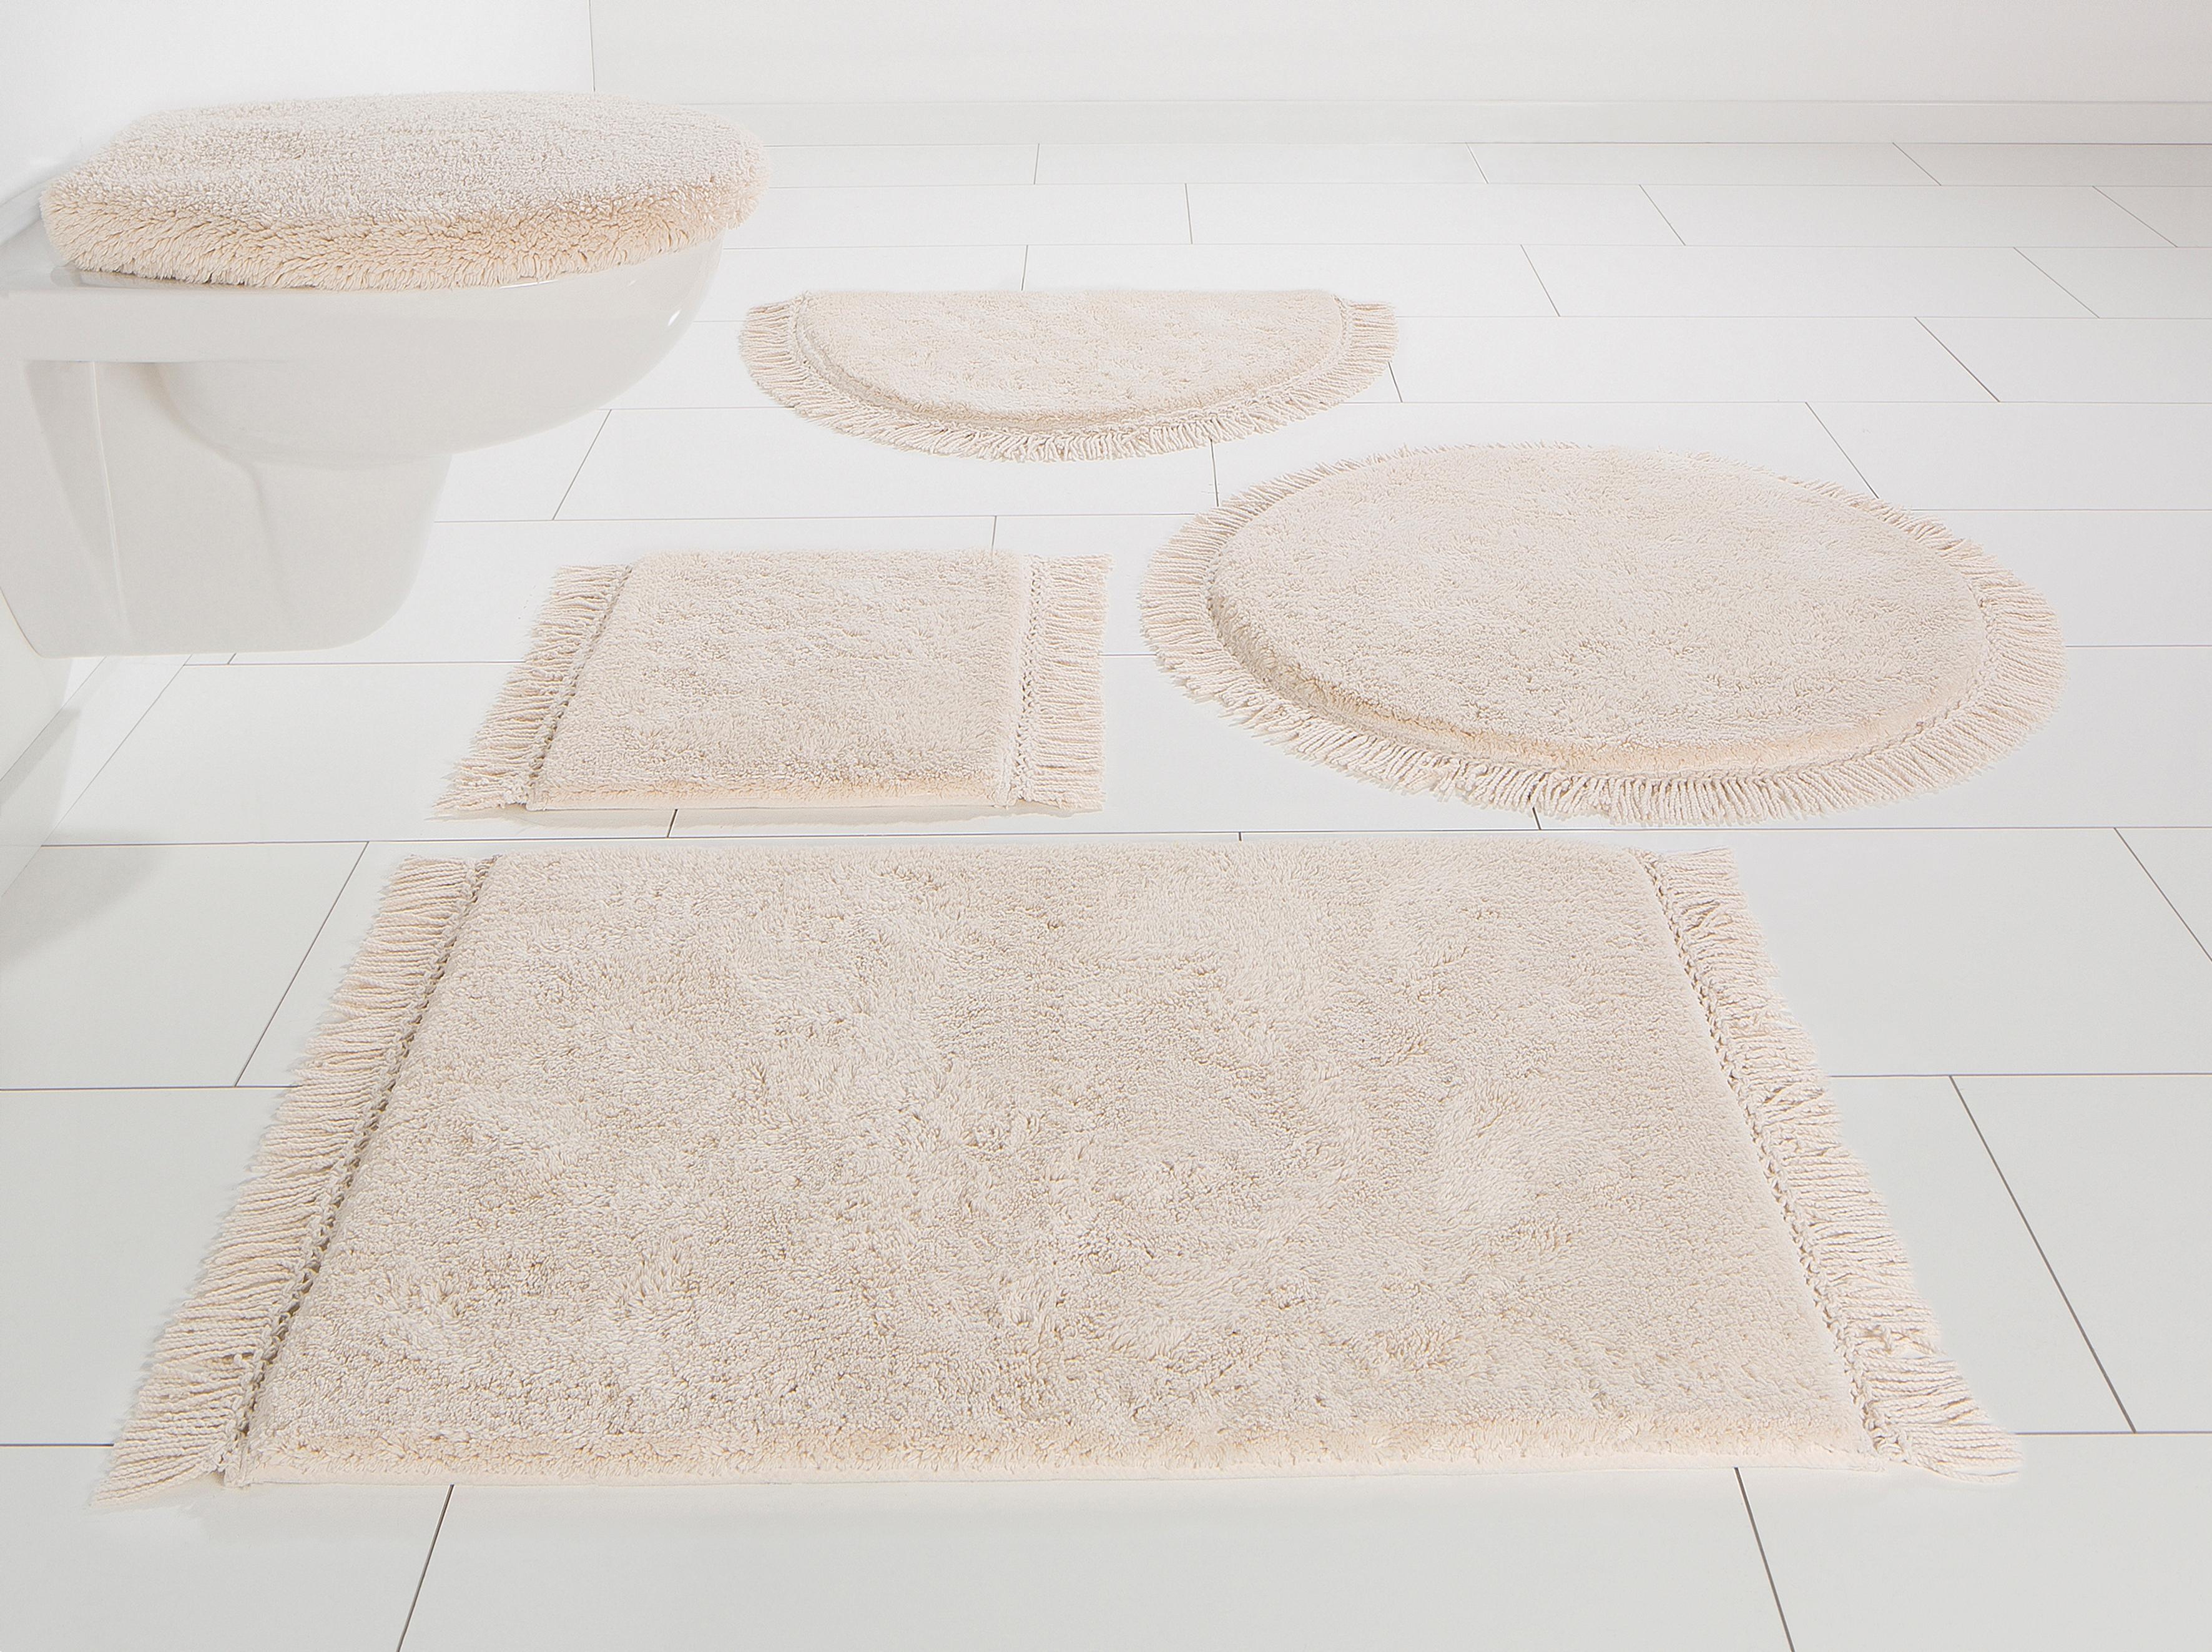 Image of Badematte »Finca«, Home affaire, Höhe 16 mm, rutschhemmend beschichtet, fussbodenheizungsgeeignet